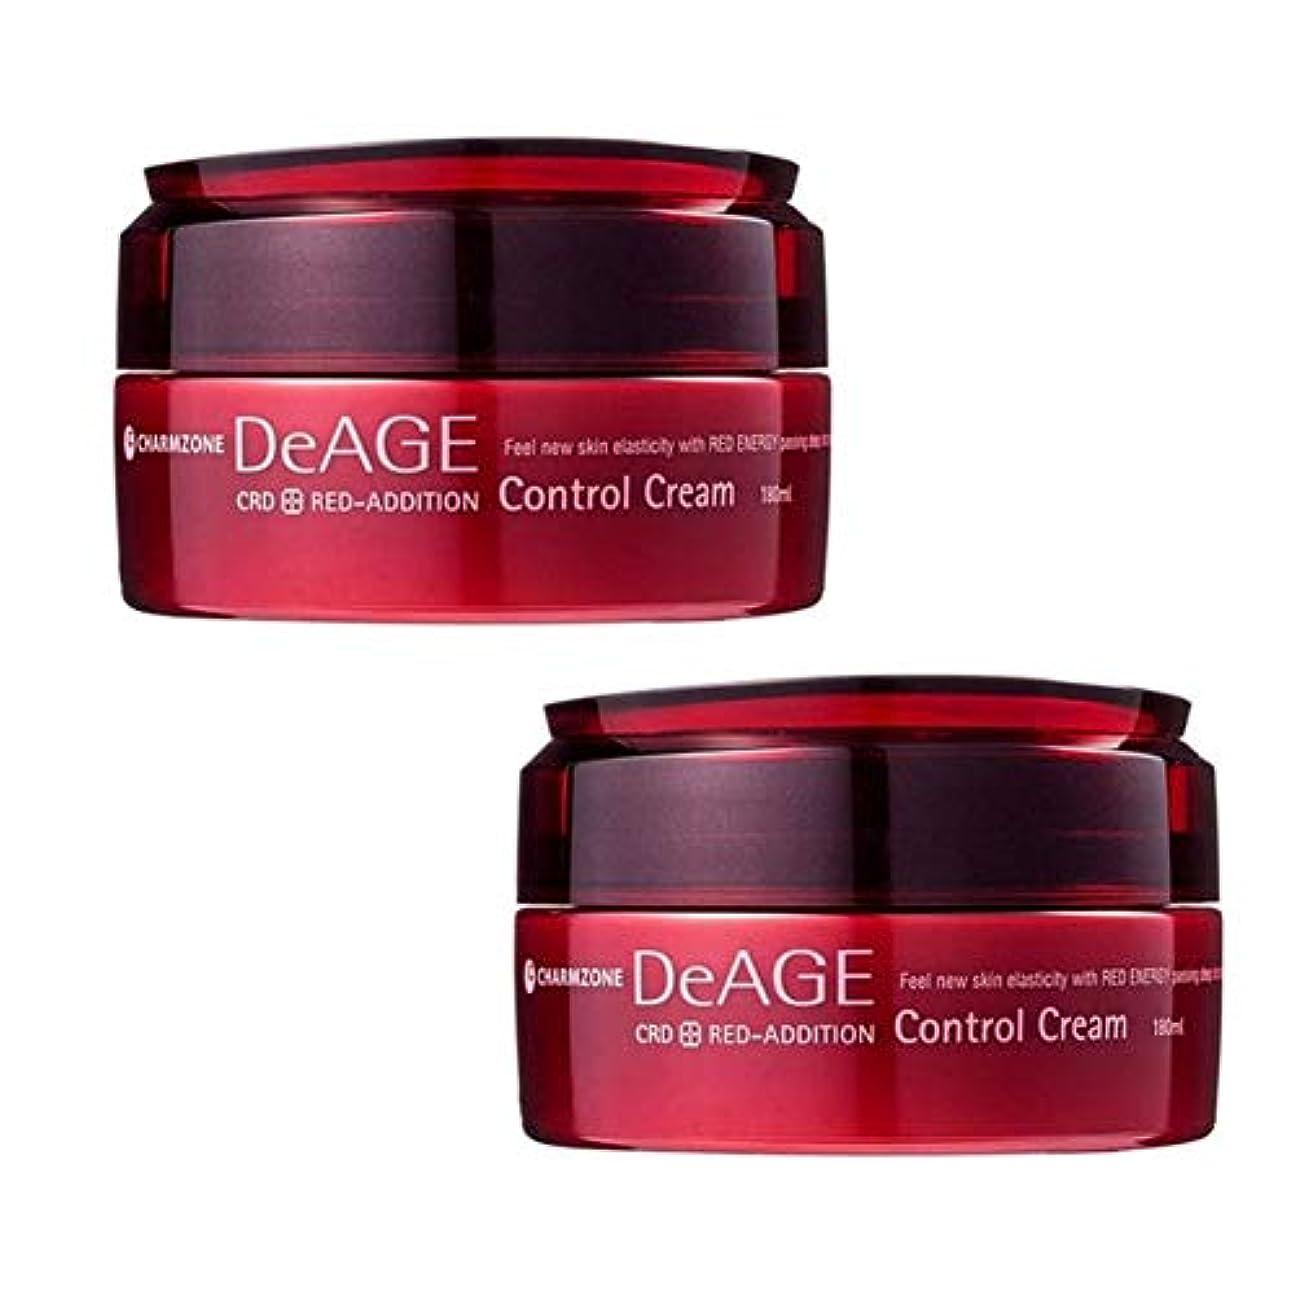 非常にゴールデンジャムチャムジョンディエイジレッドエディションコントロールクリーム180ml x 2本セットマッサージクリーム、Charmzone DeAGE Red-Addition Control Cream 180ml x 2ea Set...